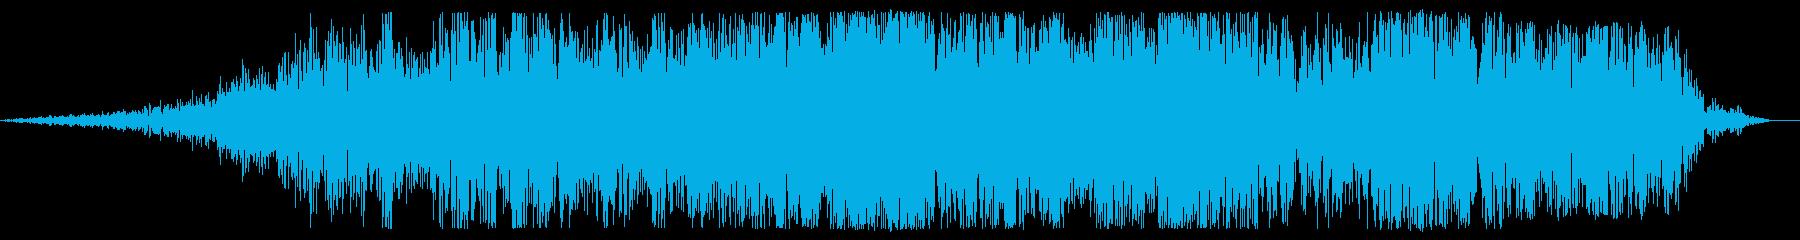 幻影が消えるの再生済みの波形